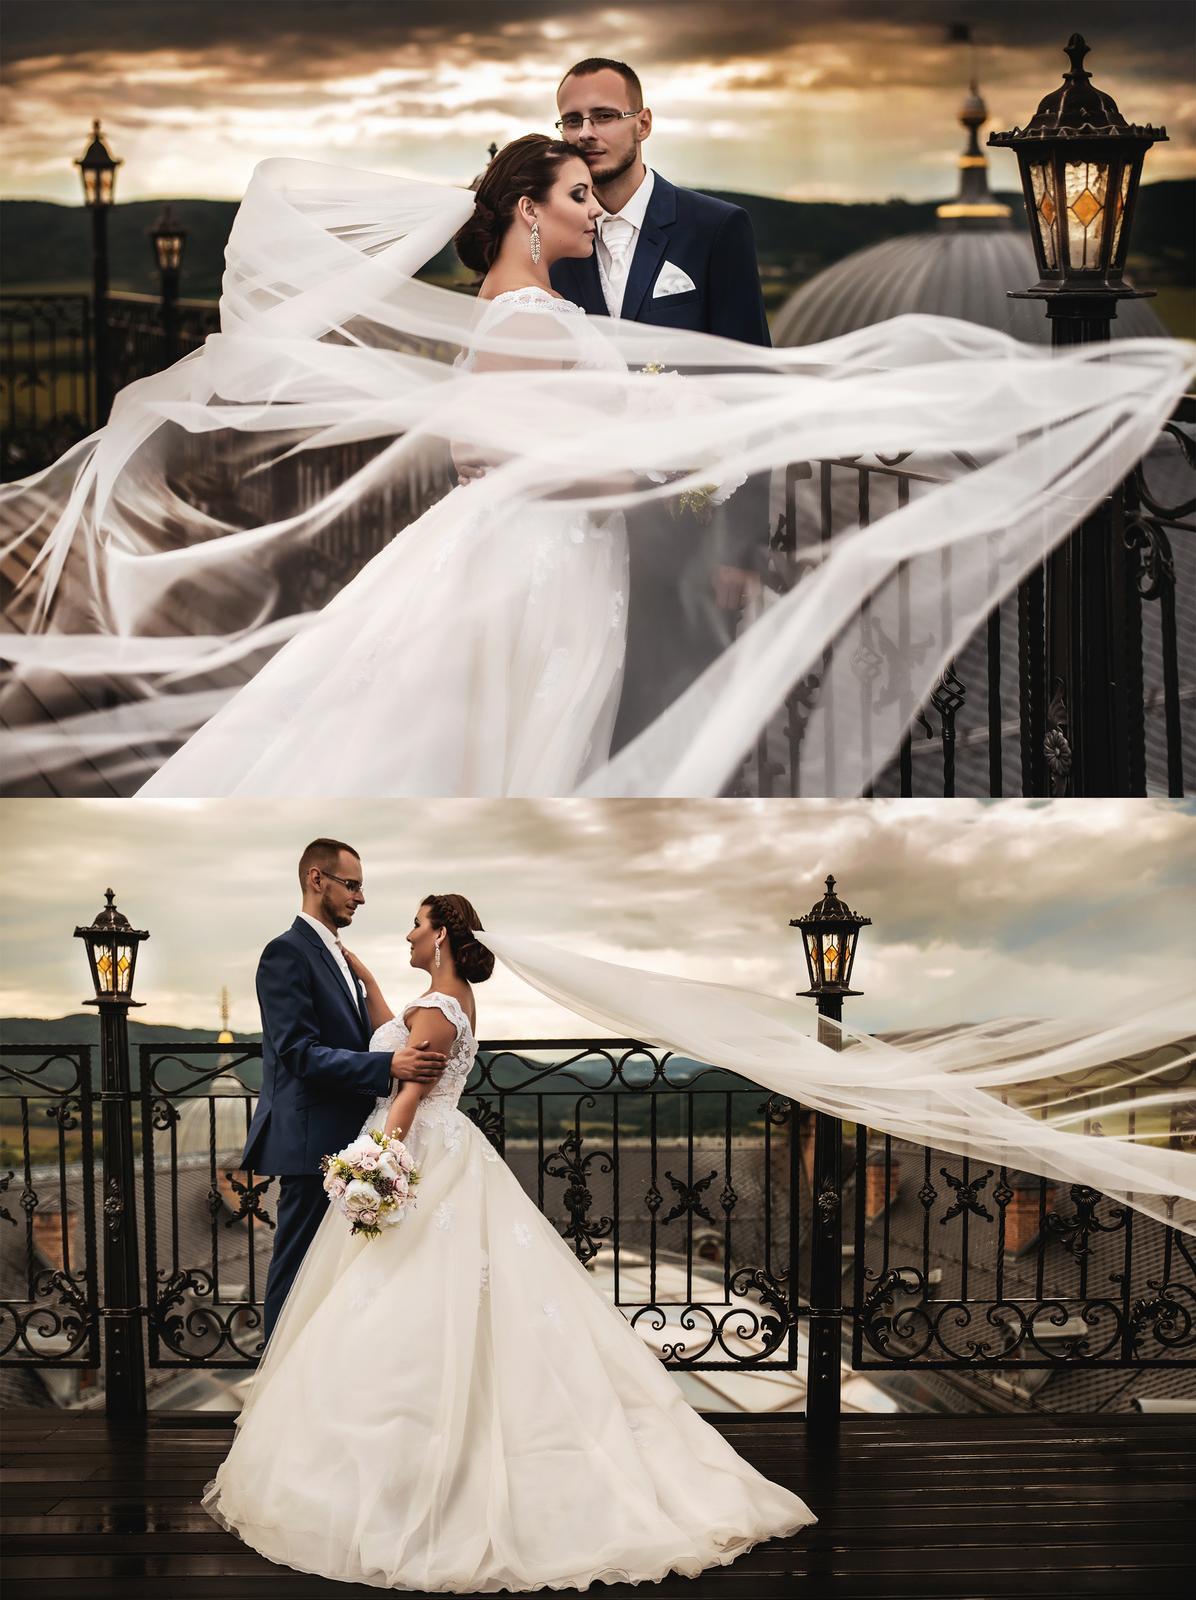 termín svadby je ešte... - Obrázok č. 3